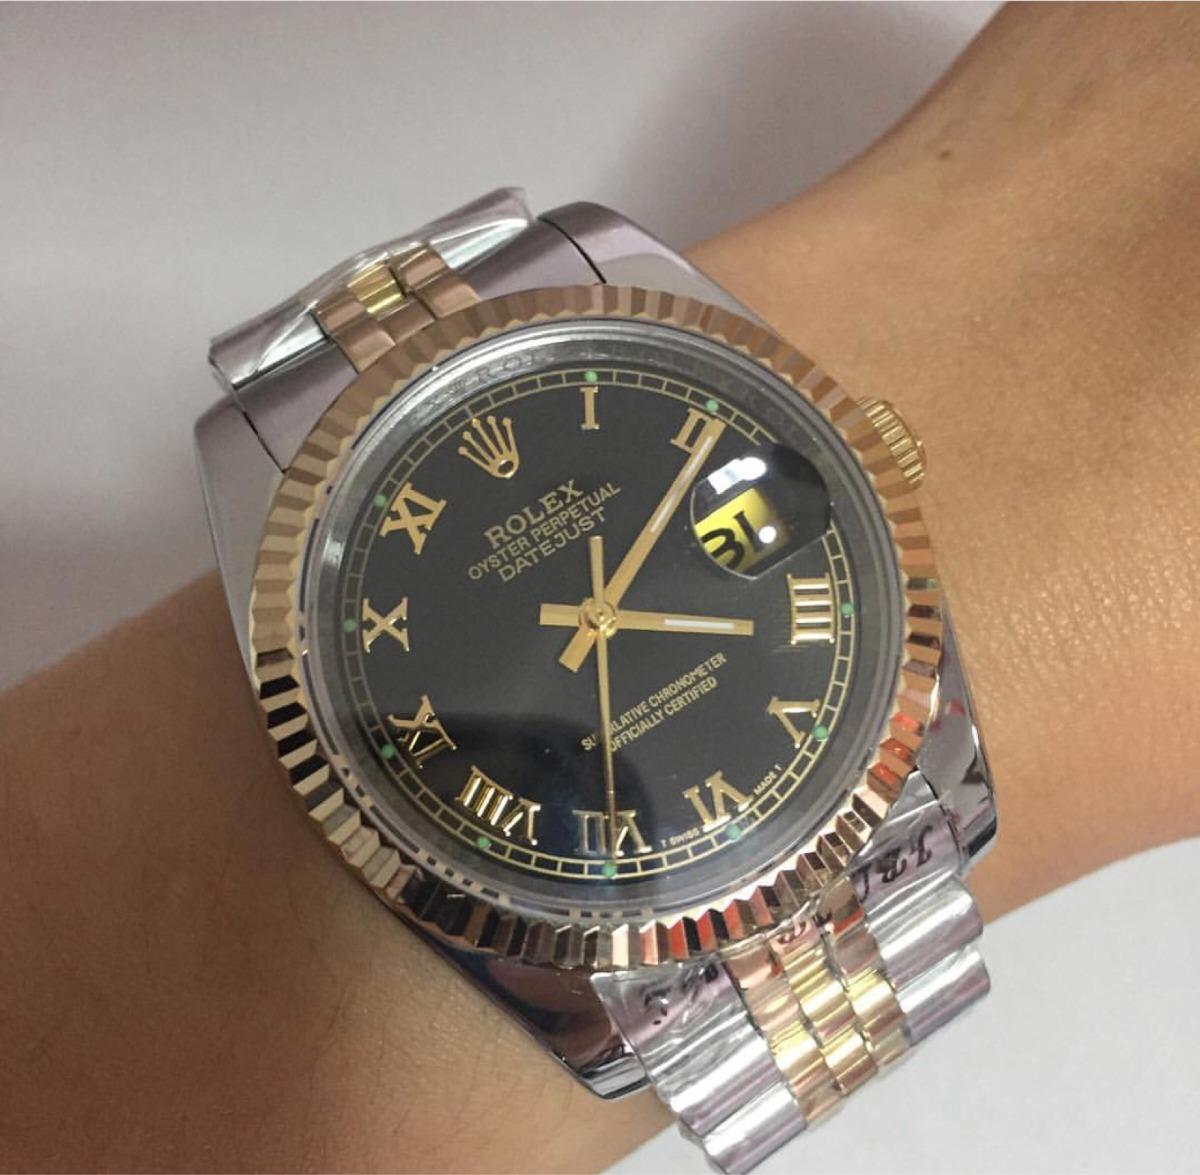 0b89e51b531 relógio rolex datejust feminino 38mm com pulseira jubilau. Carregando zoom.